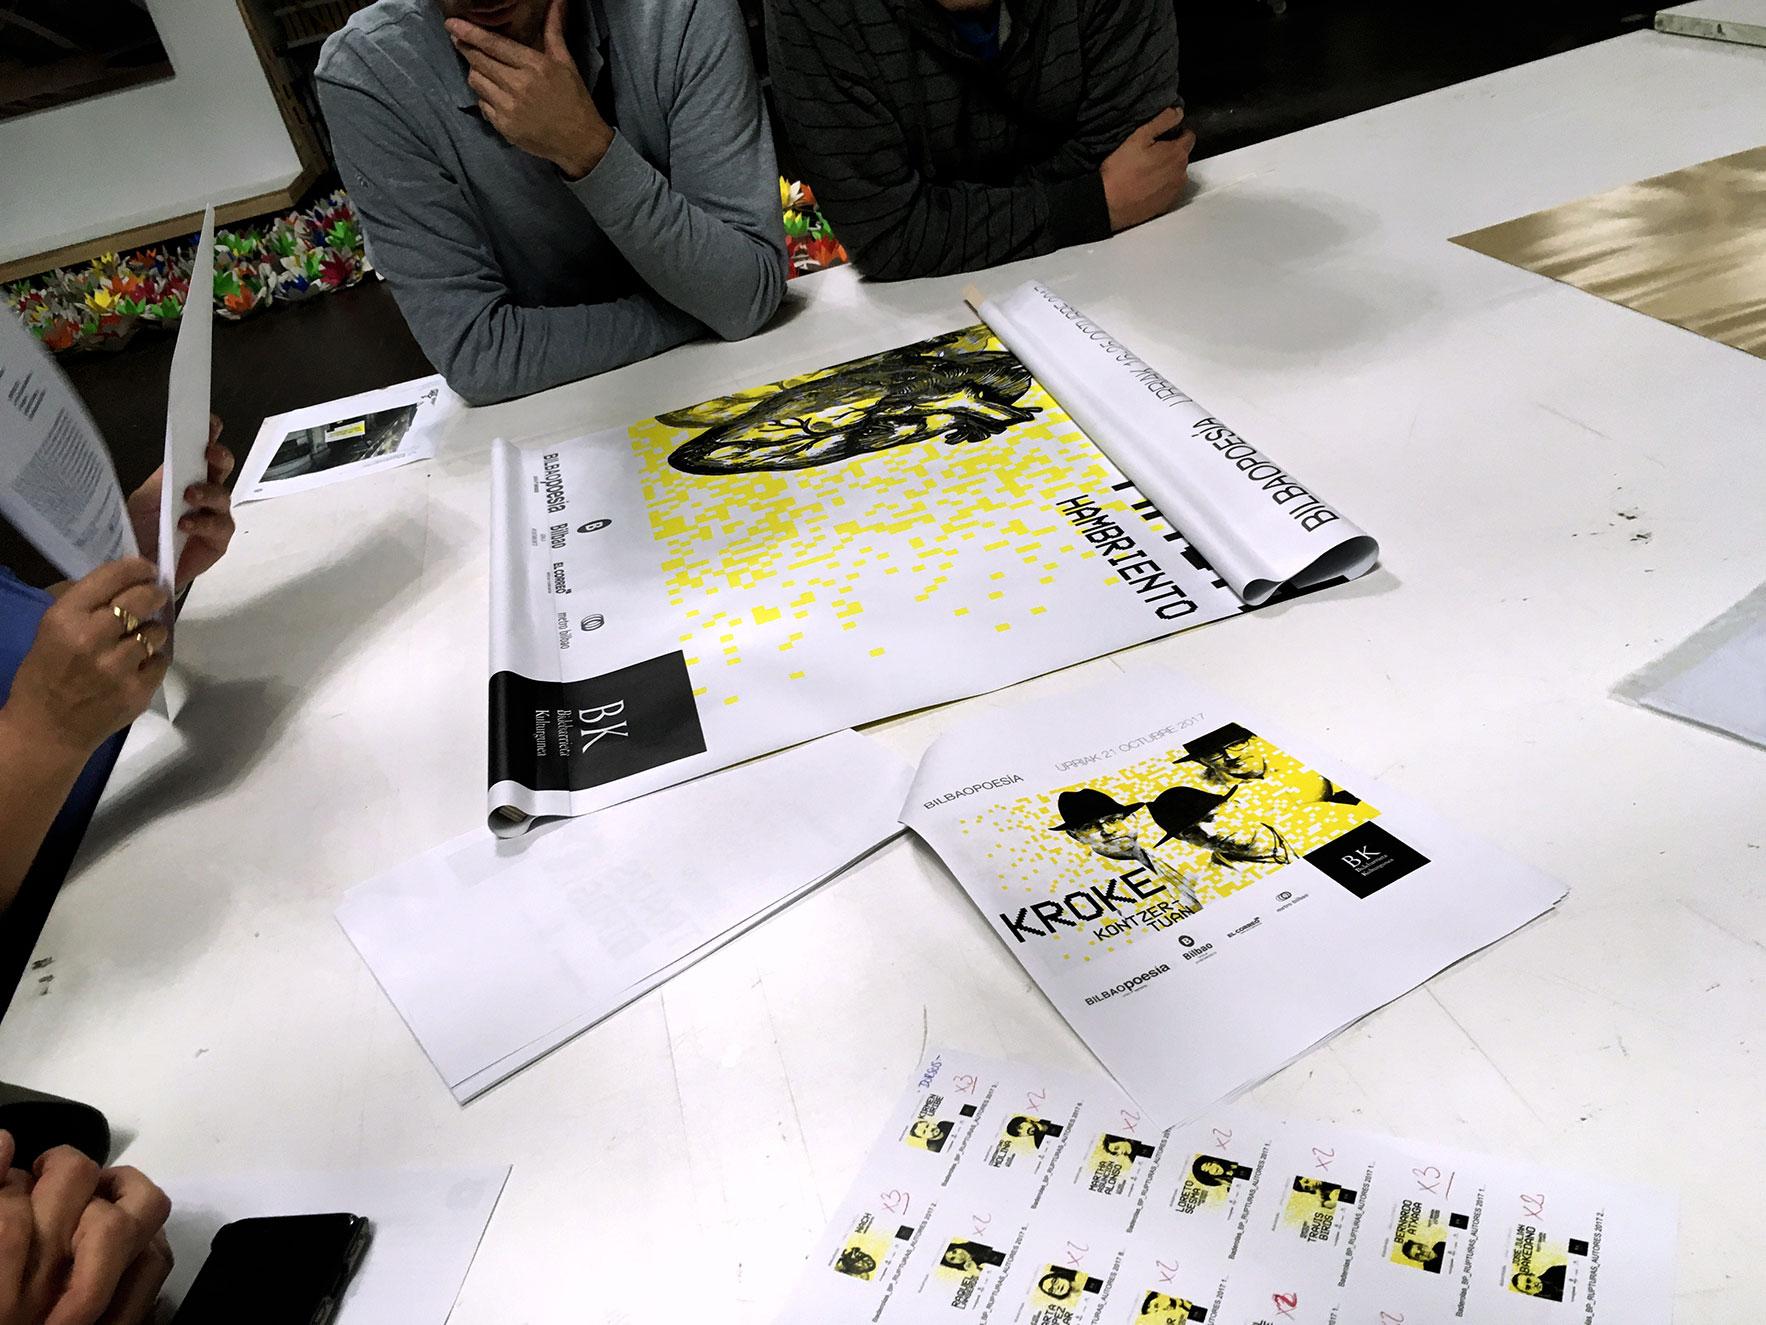 Bilbao poesía Branding estrategia diseño